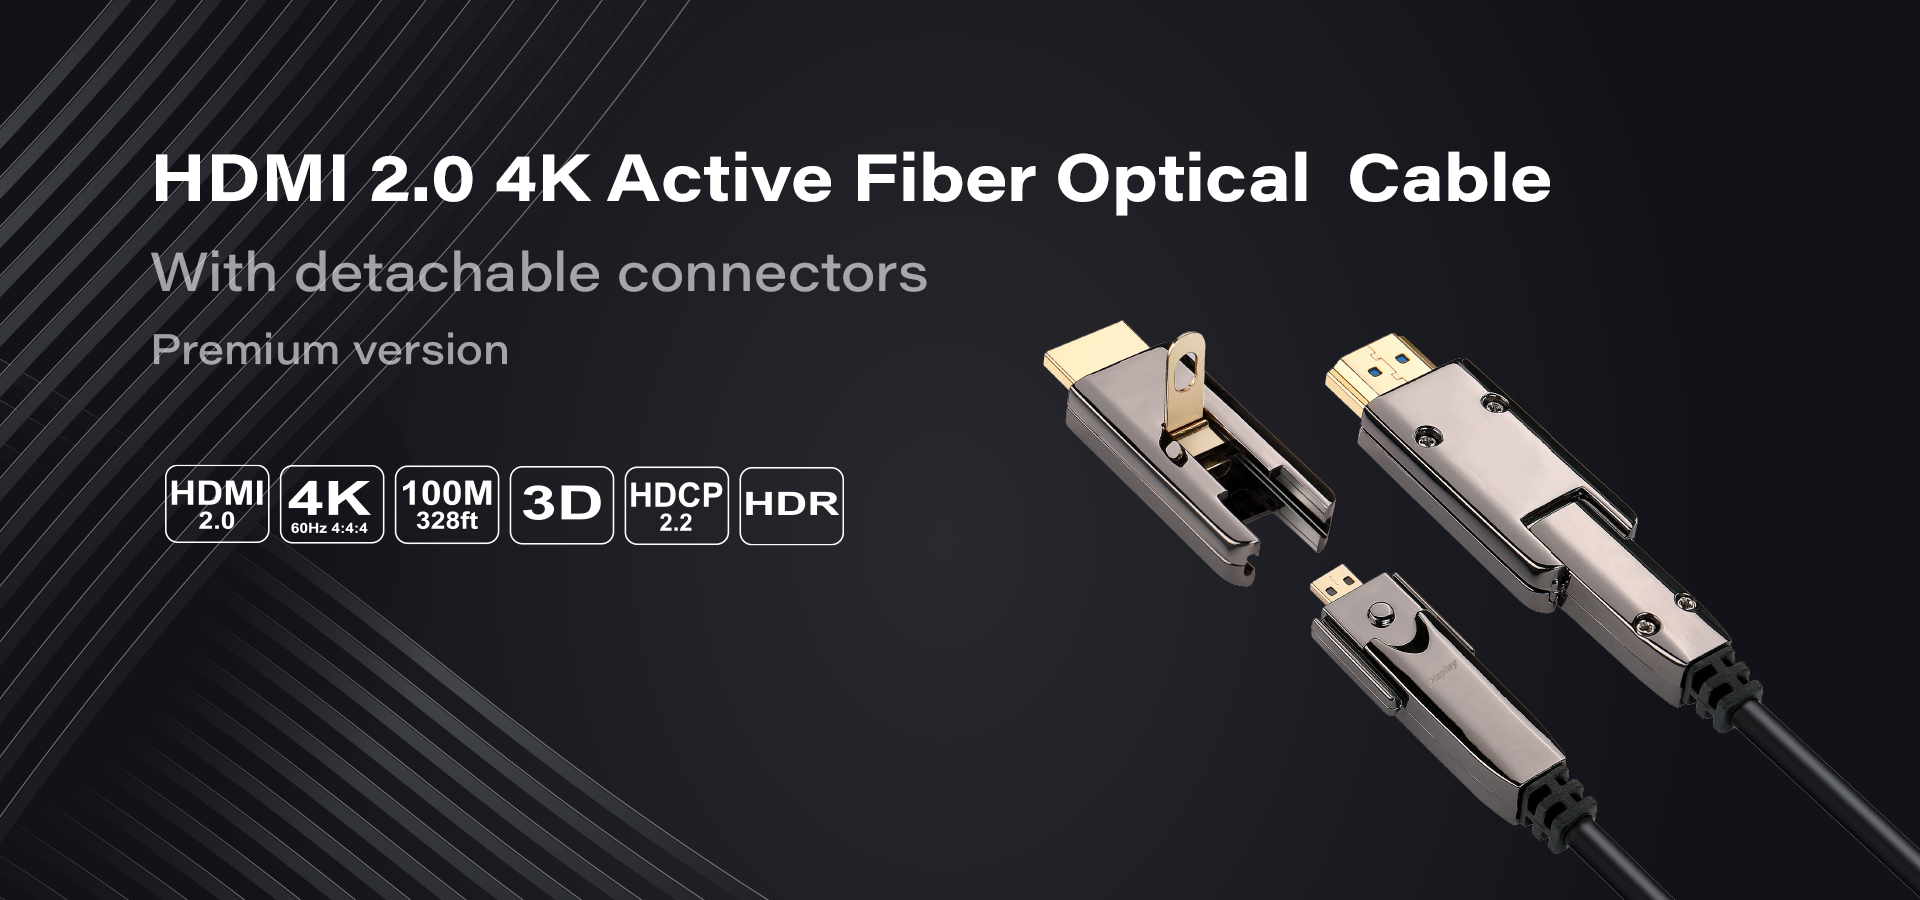 infobit-hdmi-4k-18Gbps-active-optical-fiber-cable-detachable